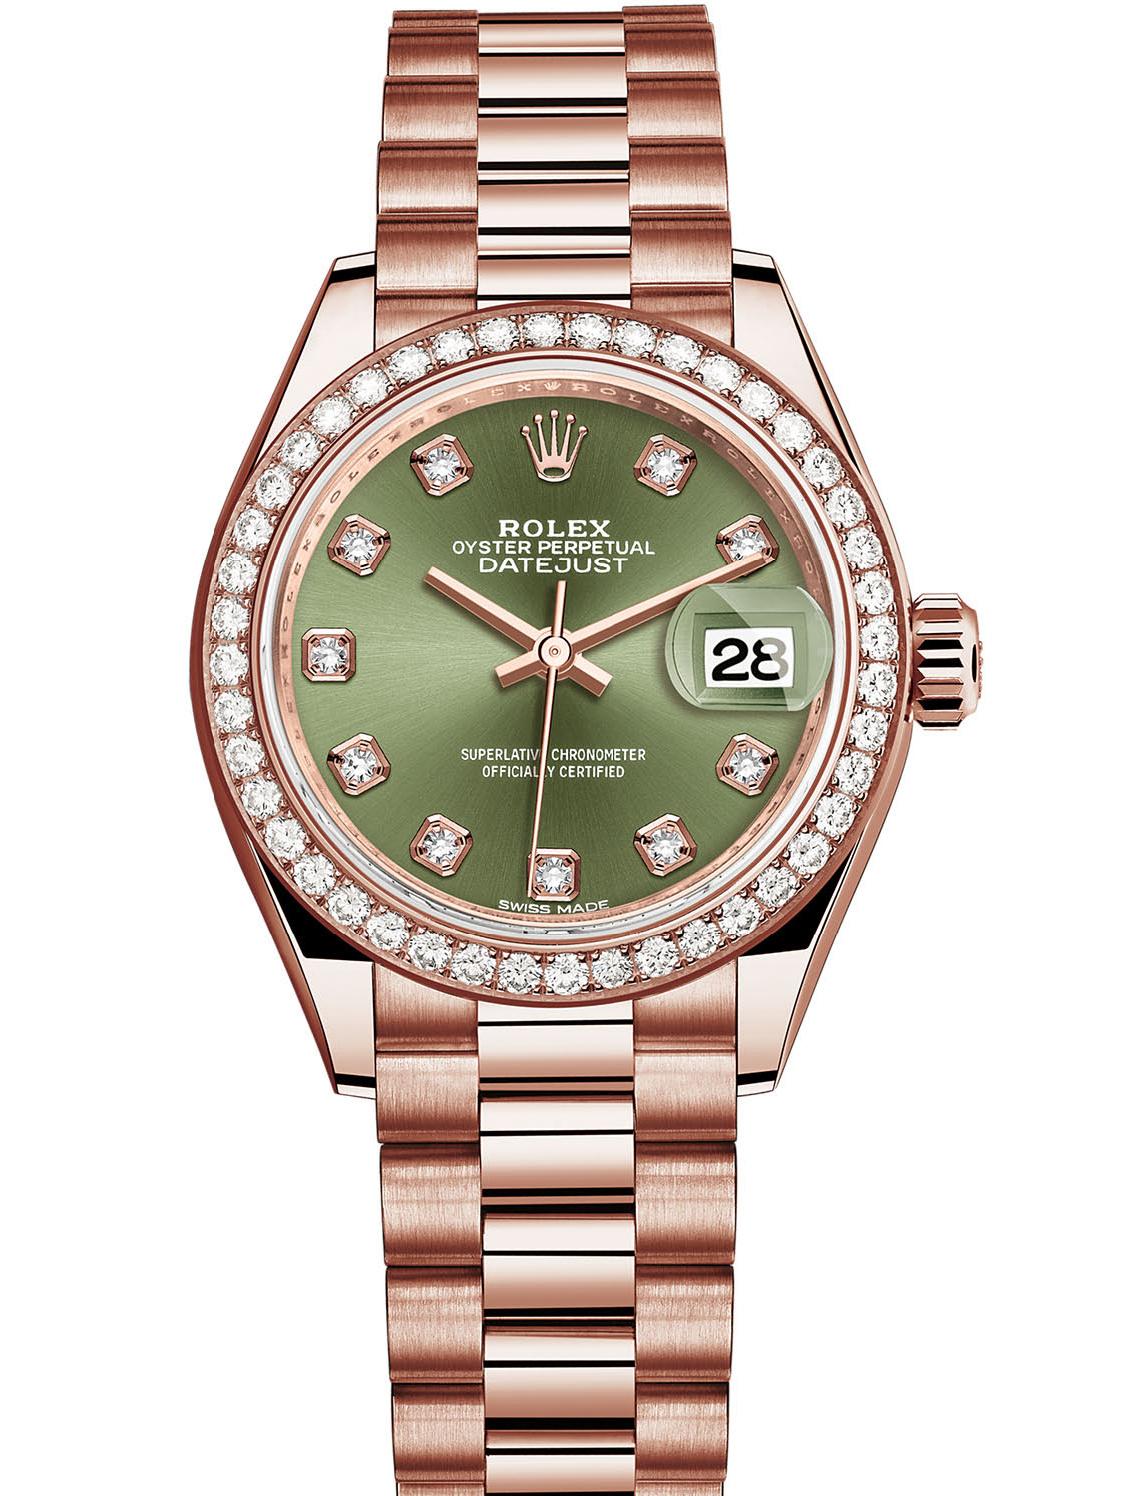 劳力士女装日志型28玫瑰金钻圈绿面钻标女表279135RBR-0014